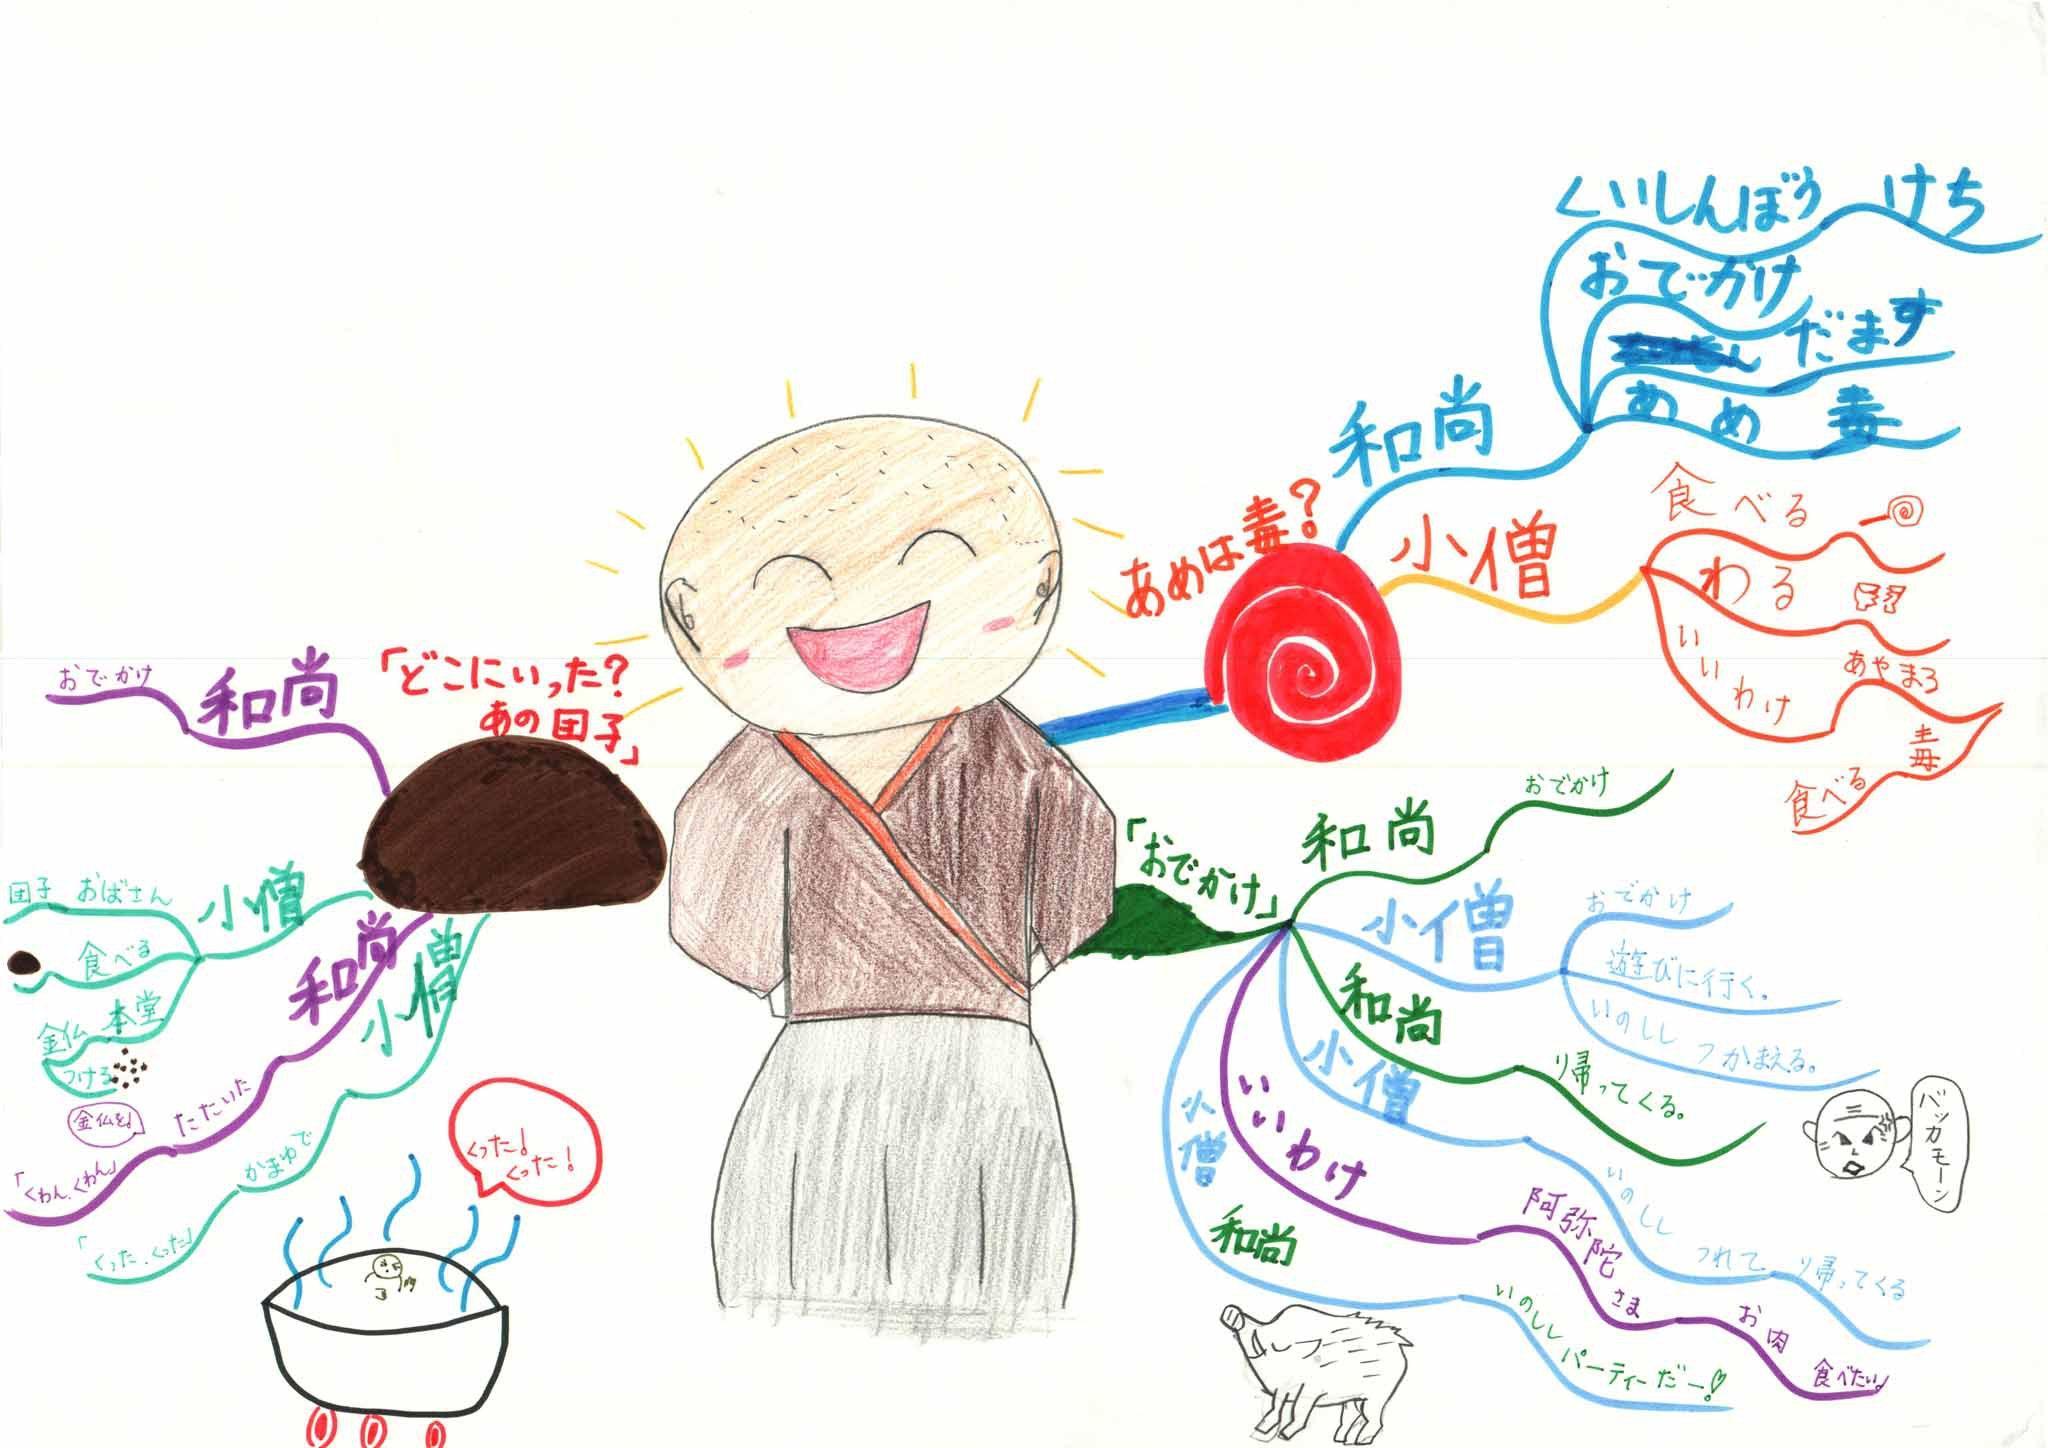 みんなのマインドマップ~和尚さんと小僧(女の子)